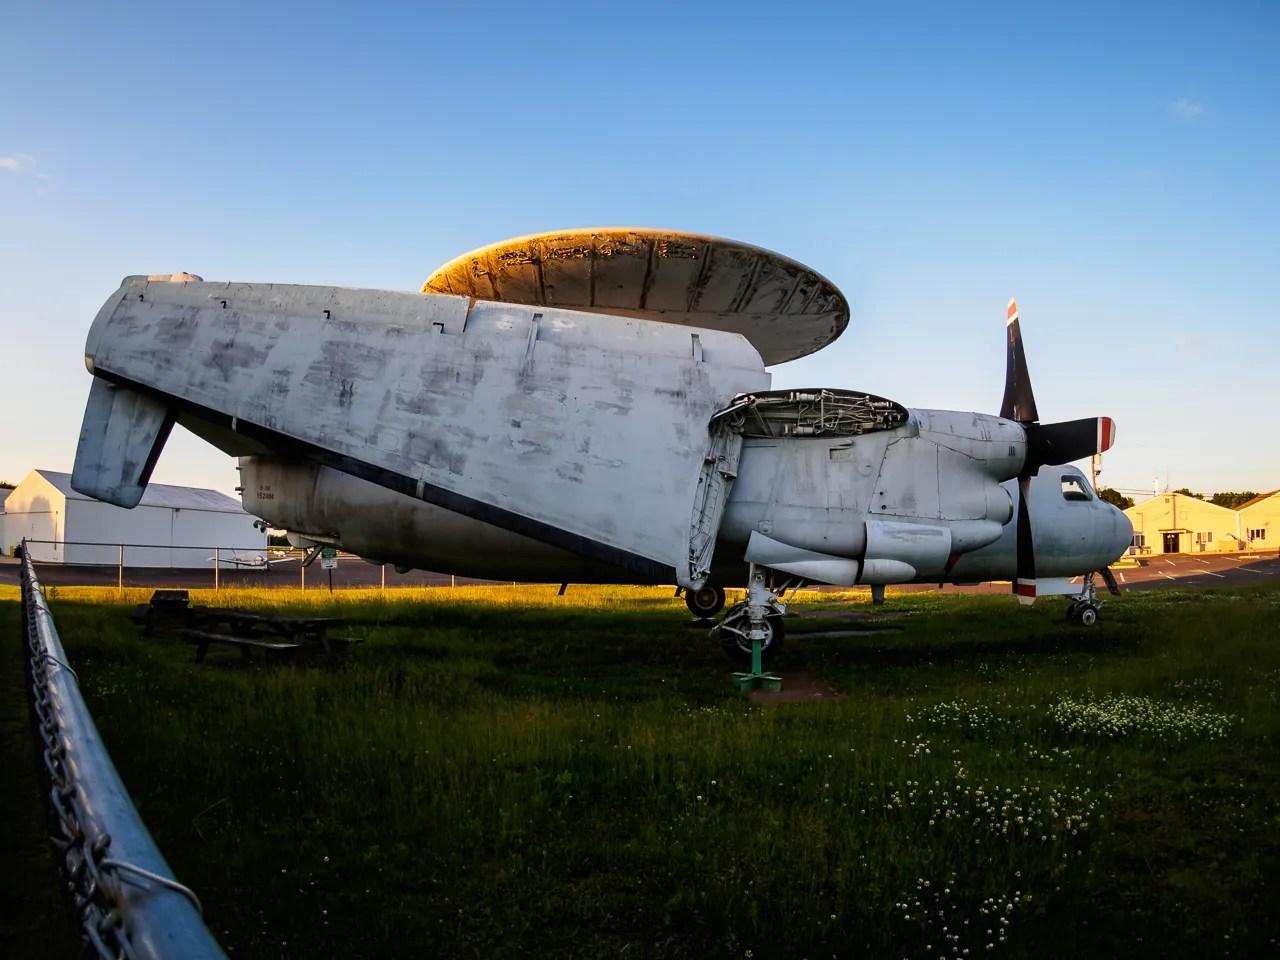 aircraft-5310843